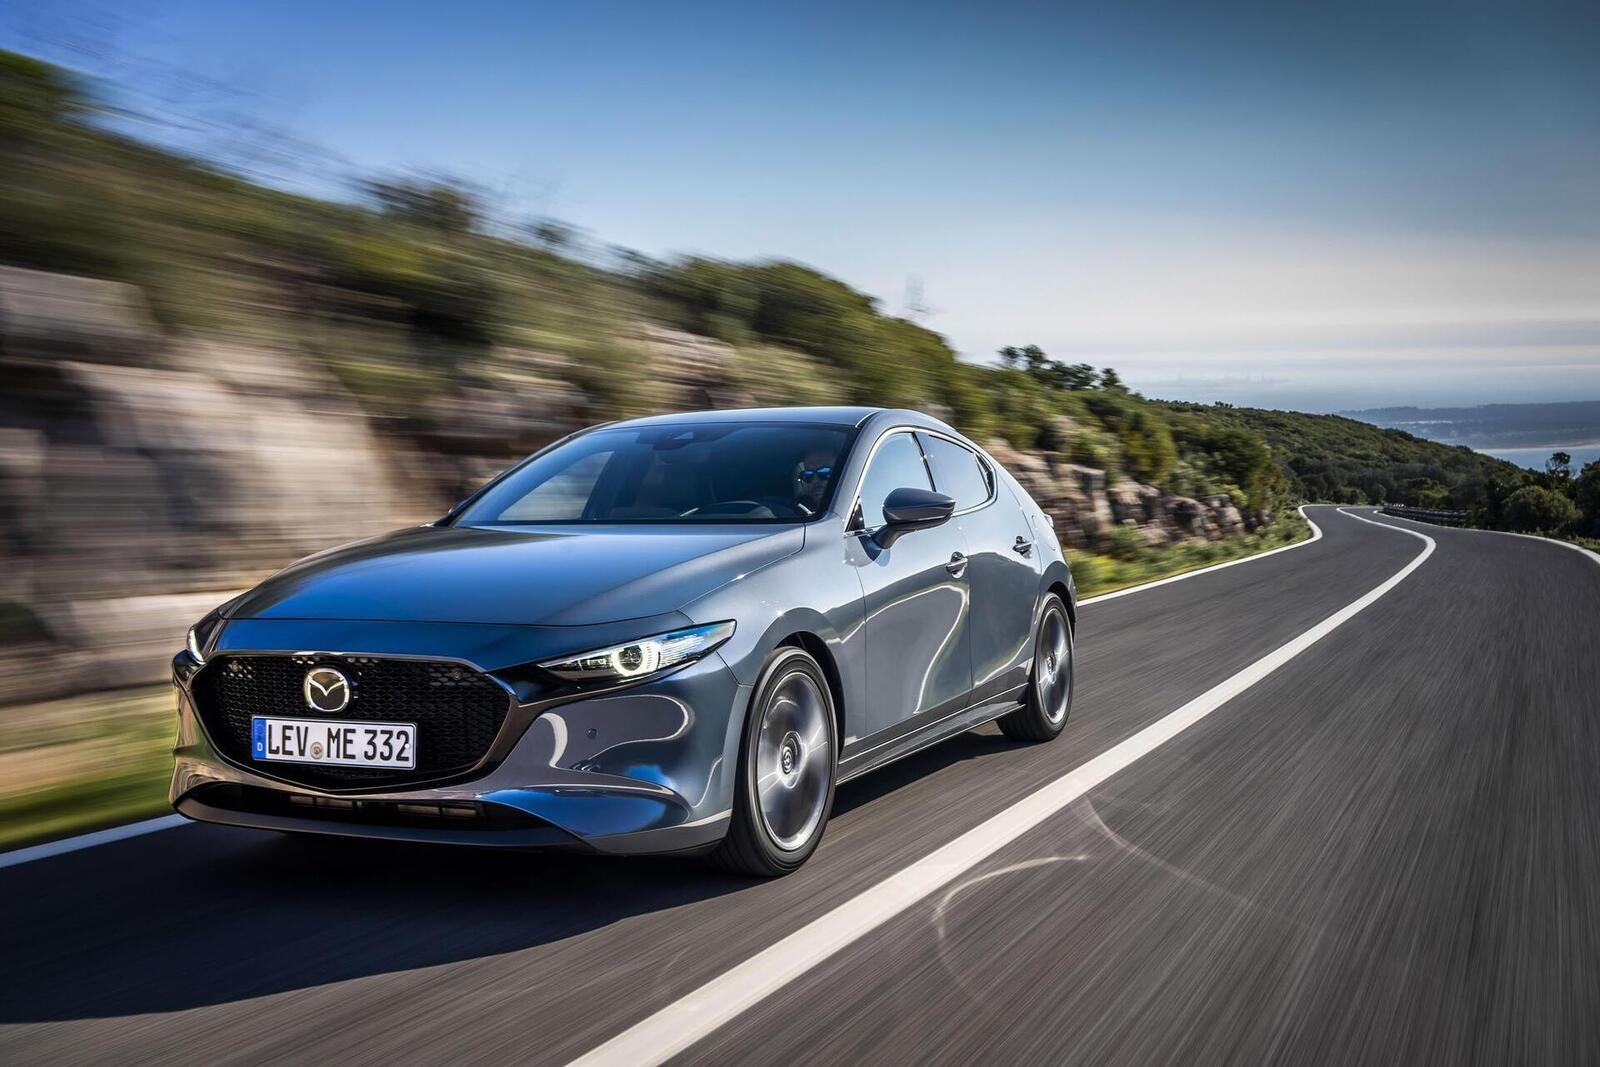 Mazda3 thế hệ mới chốt lịch ra mắt tại Malaysia vào tháng sau; giá dự kiến từ 764 triệu đồng - Hình 4